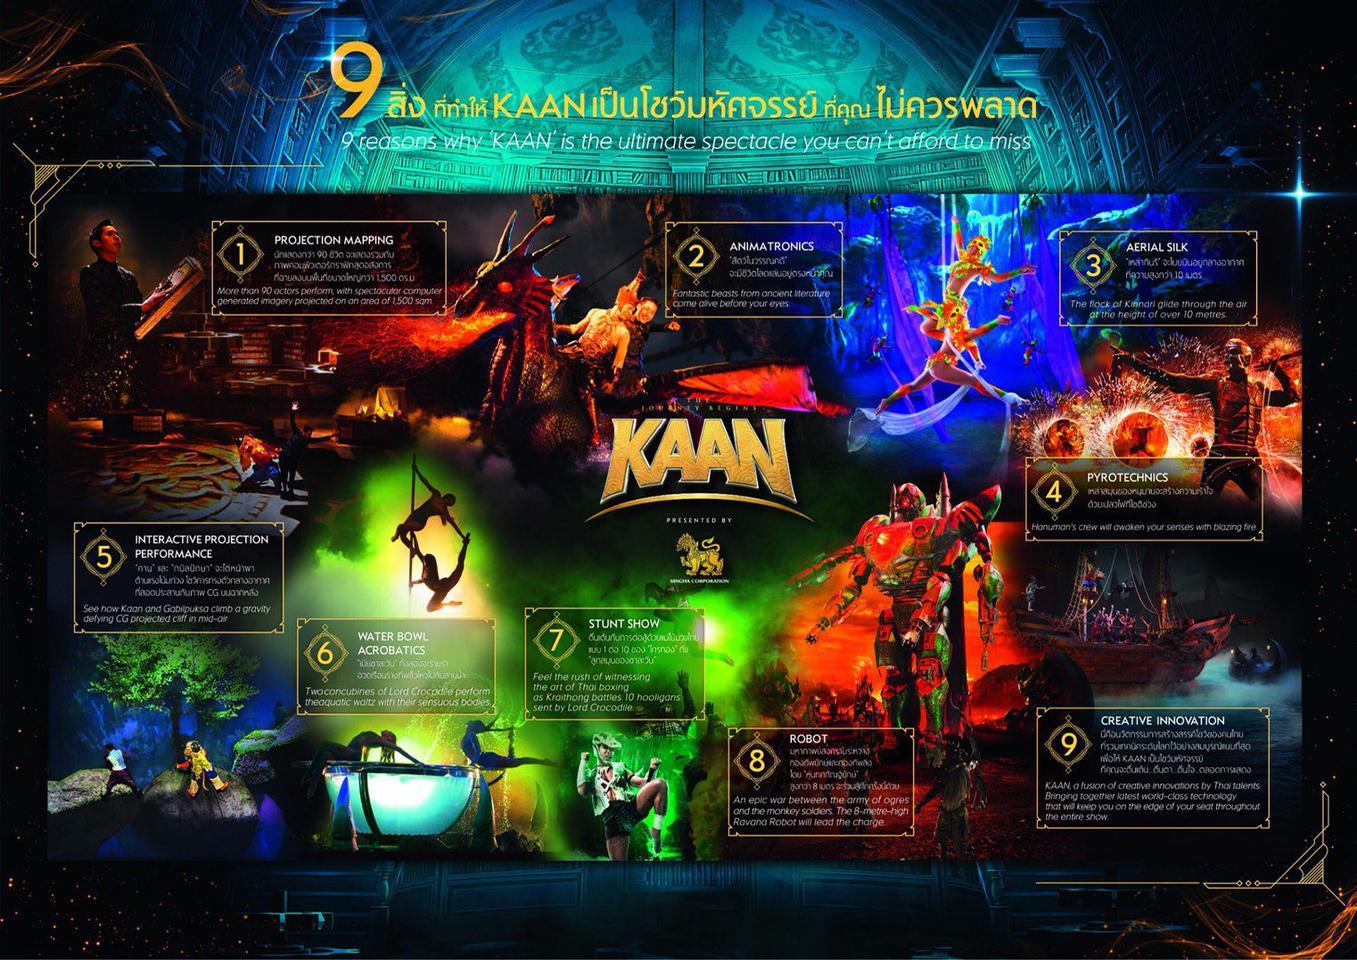 บัตรชมการแสดง คานโชว์ พัทยา ราคาสุดว๊าว รูปที่ 2